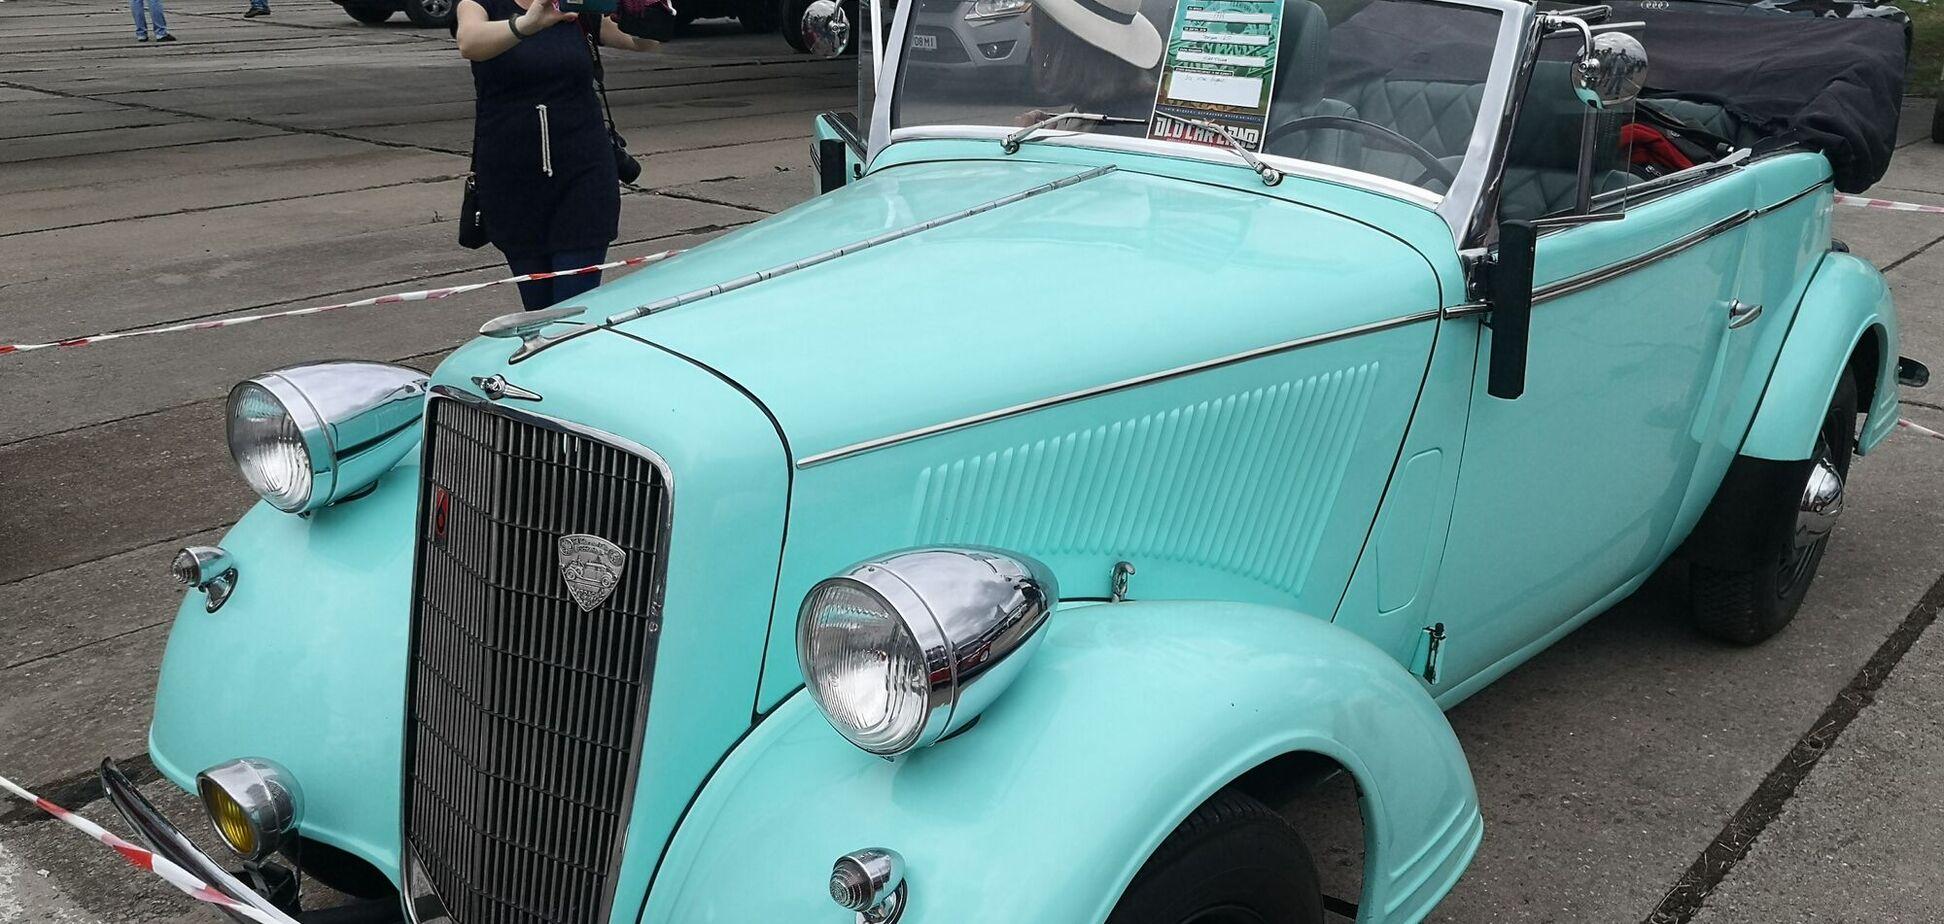 В Киеве заметили редкий кабриолет Opel 30-х годов